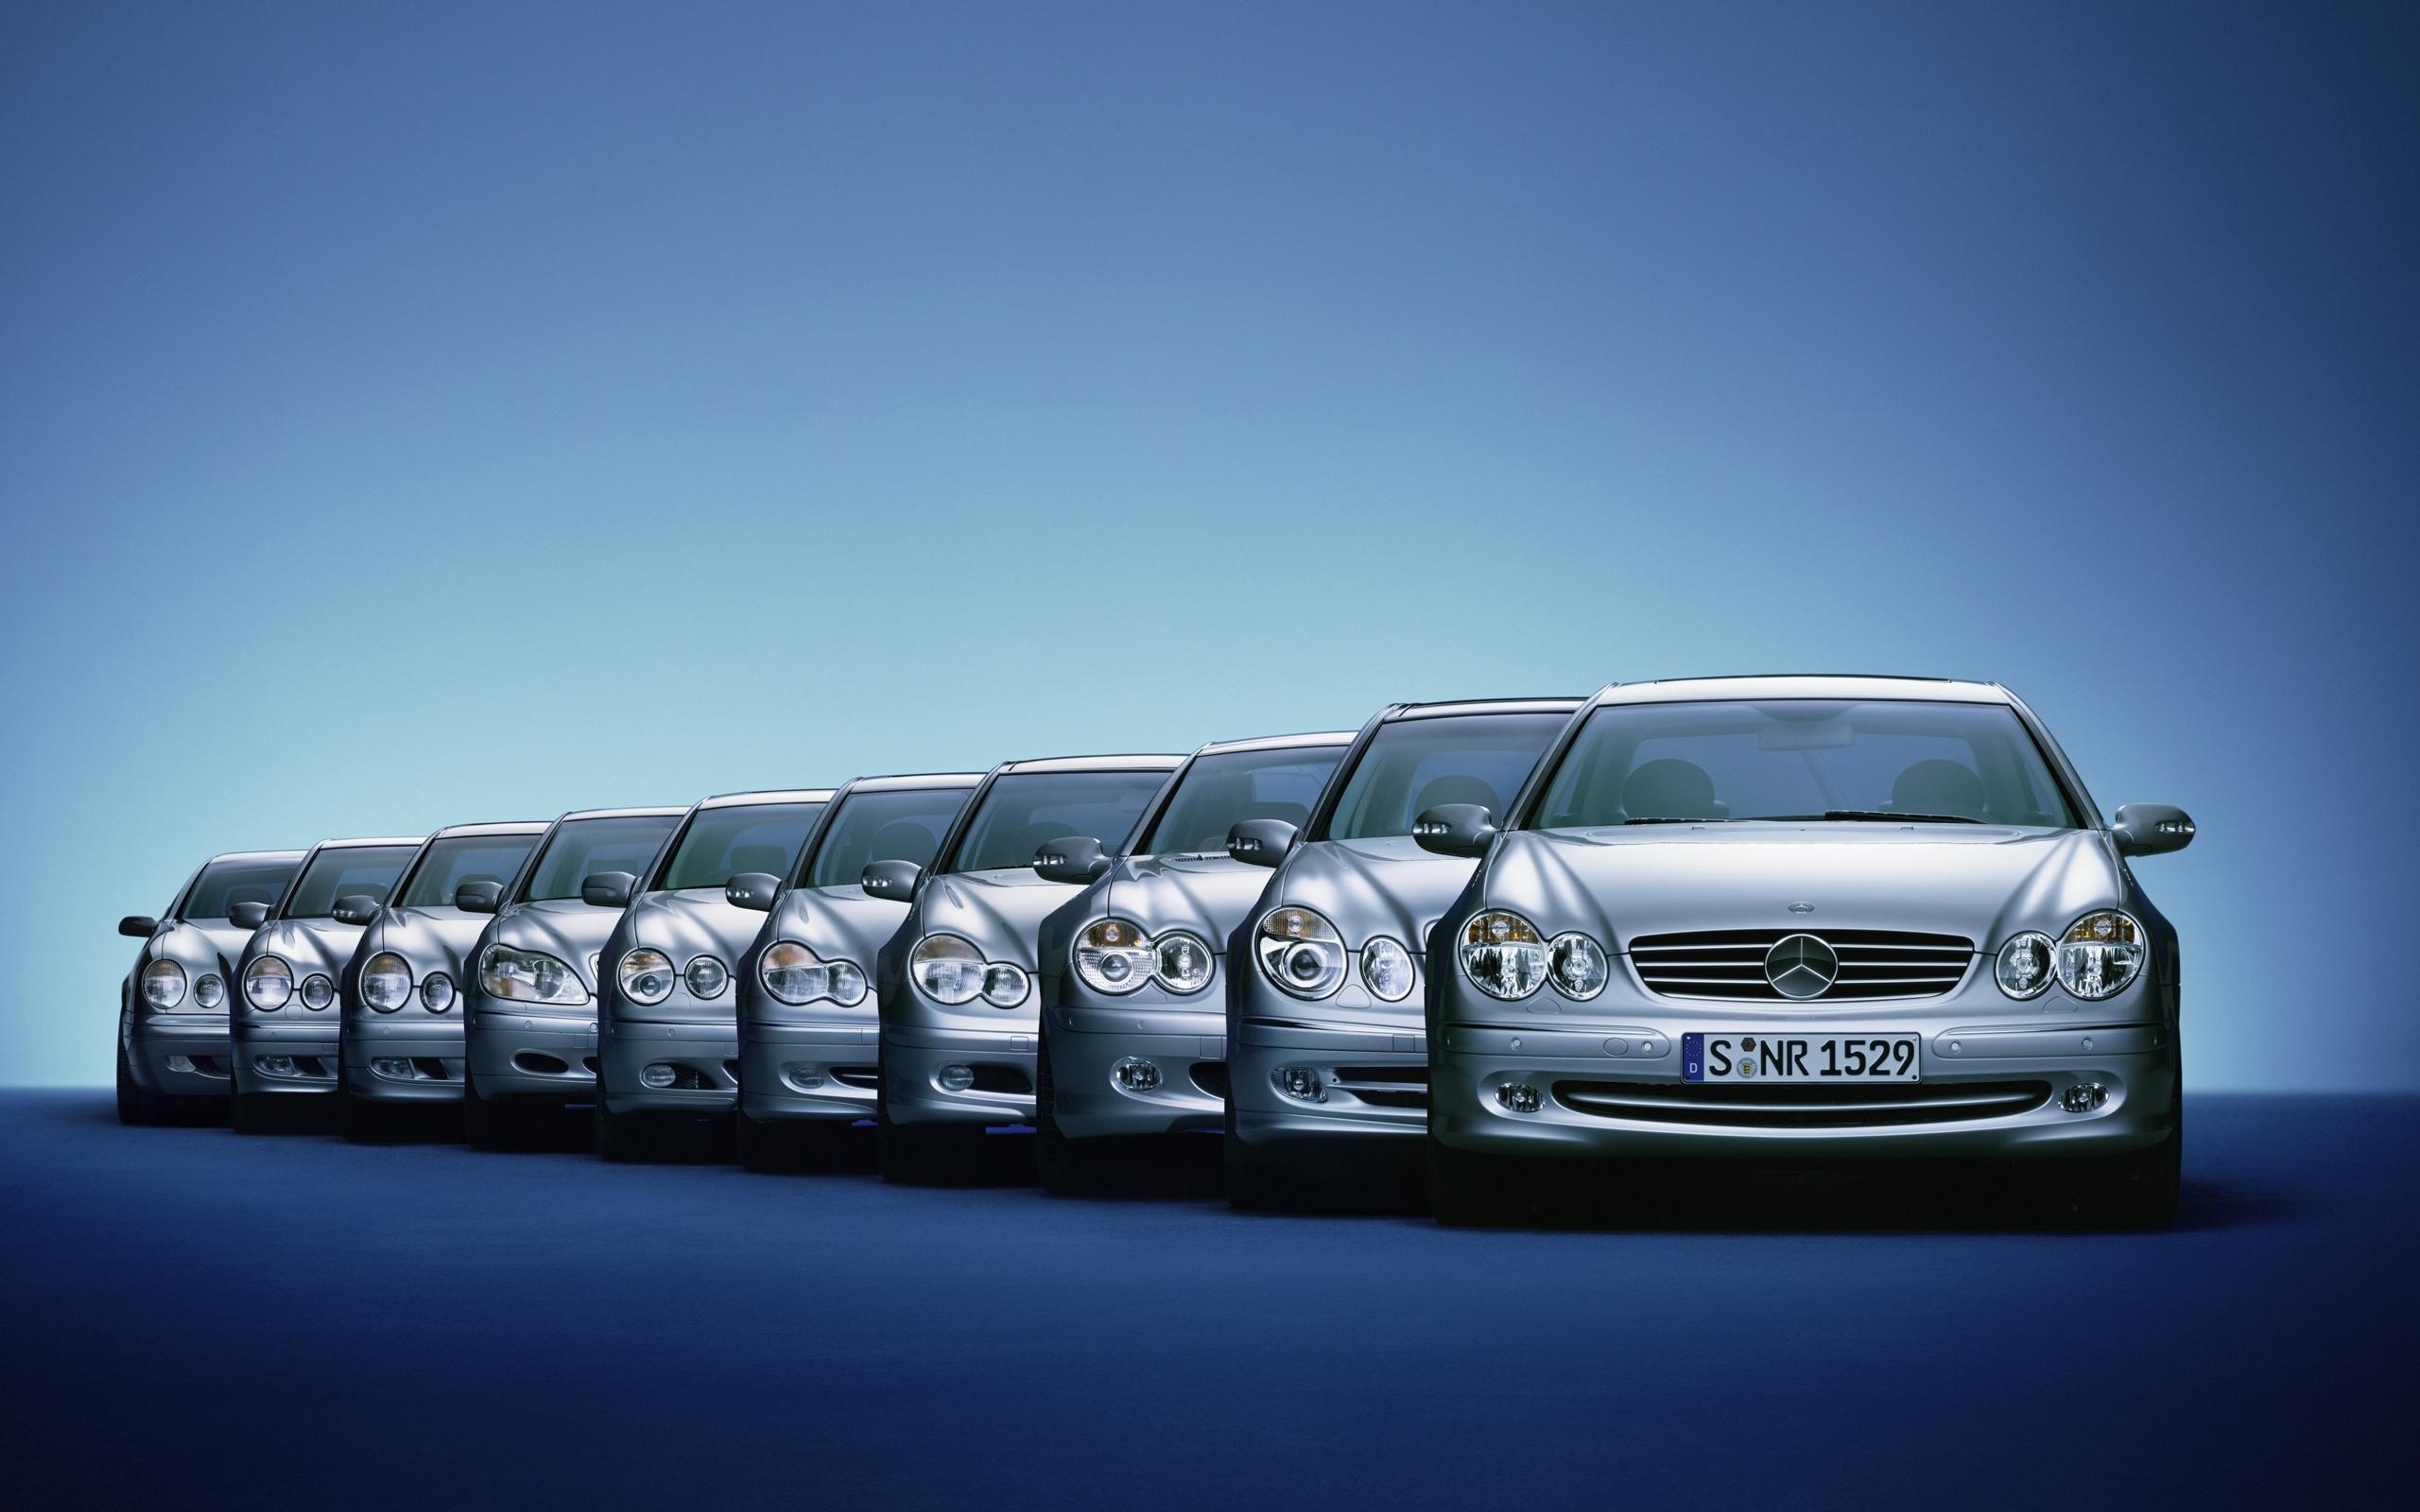 27218 скачать обои Транспорт, Машины, Мерседес (Mercedes) - заставки и картинки бесплатно